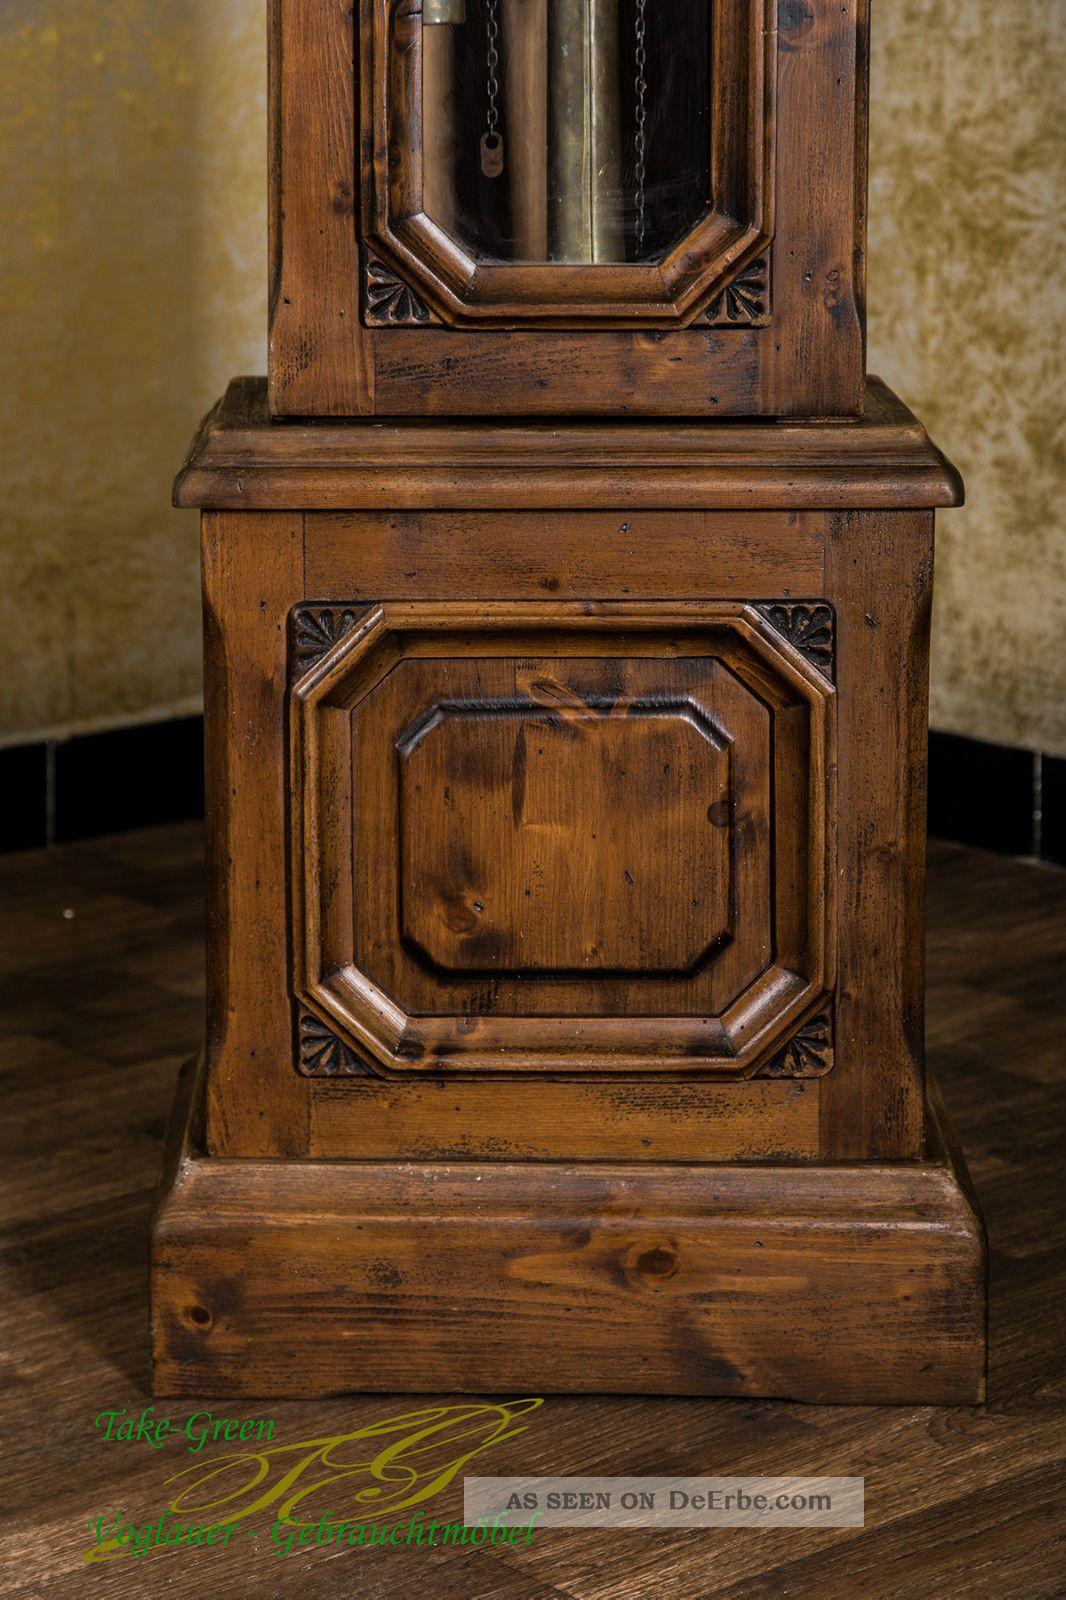 Voglauer Anno 1900 Standuhr Uhr Pendeluhr Landhausstil